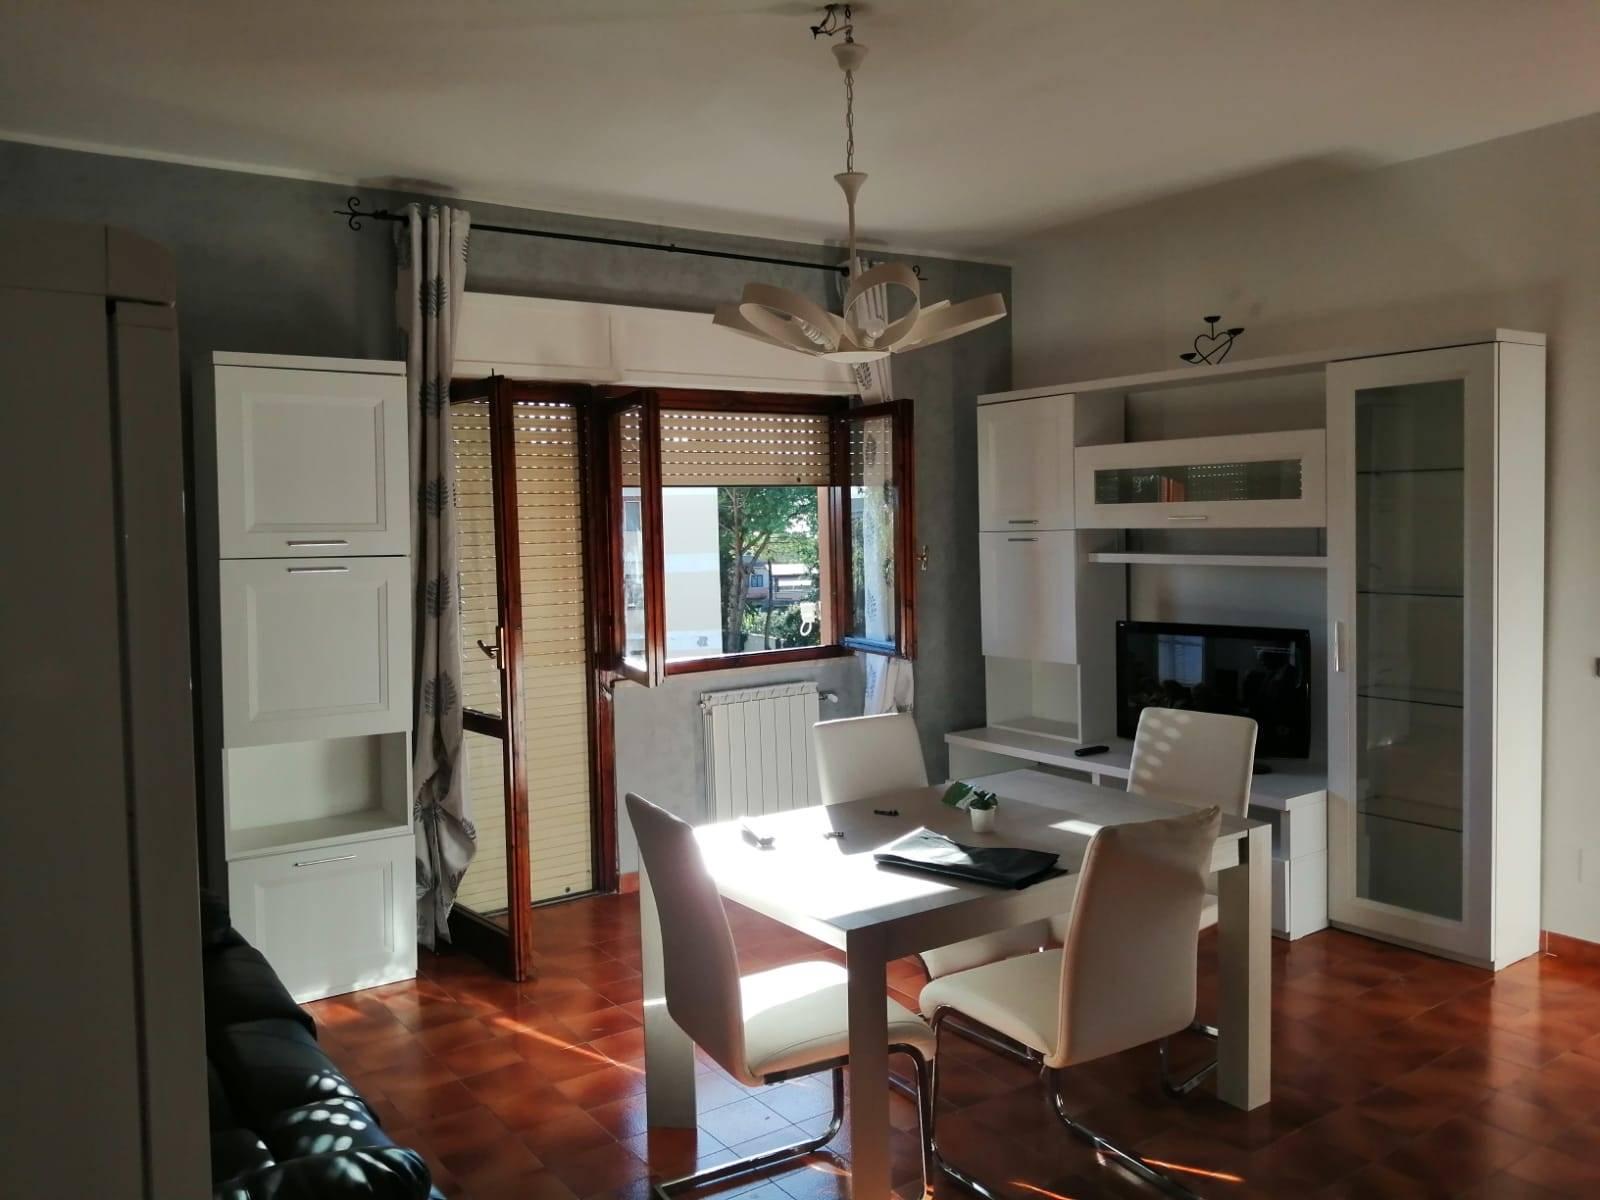 Appartamento Bilocale Arredato collocato all'interno di un complesso residenziale in zona Boccelle. L'abitazione disposta su un unico livello si